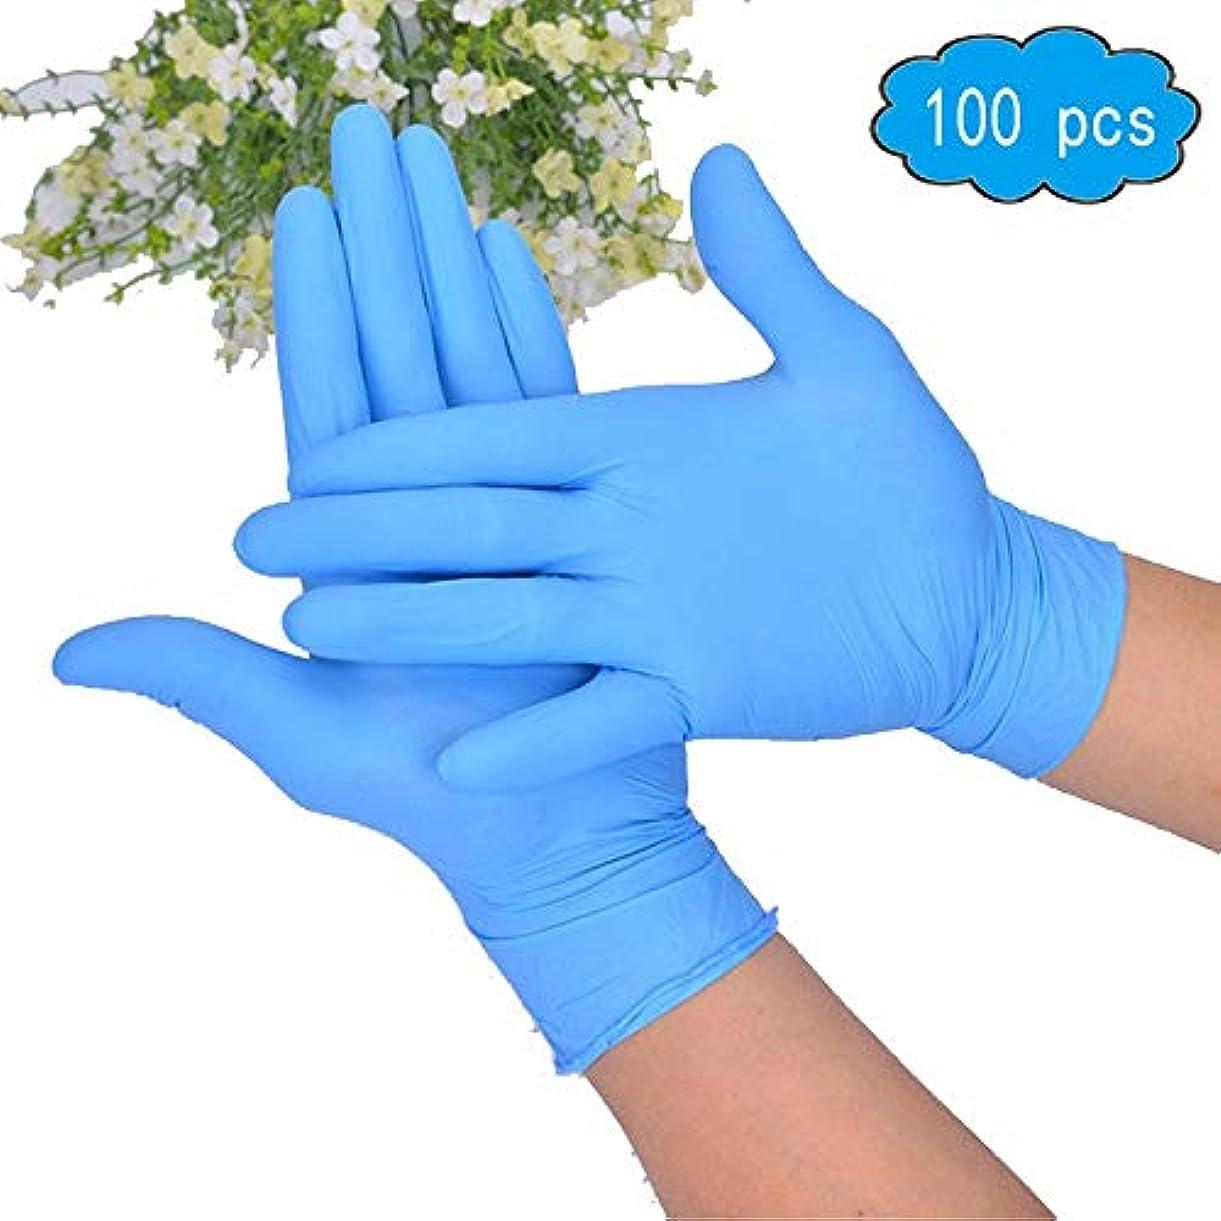 仕える一定バンガロー使い捨てラテックス手袋-医療グレード、パウダーフリー、使い捨て、非滅菌、食品安全、テクスチャード加工、ラテックス手袋、ラボ、100PCS、安全&作業用手袋 (Color : Blue, Size : L)